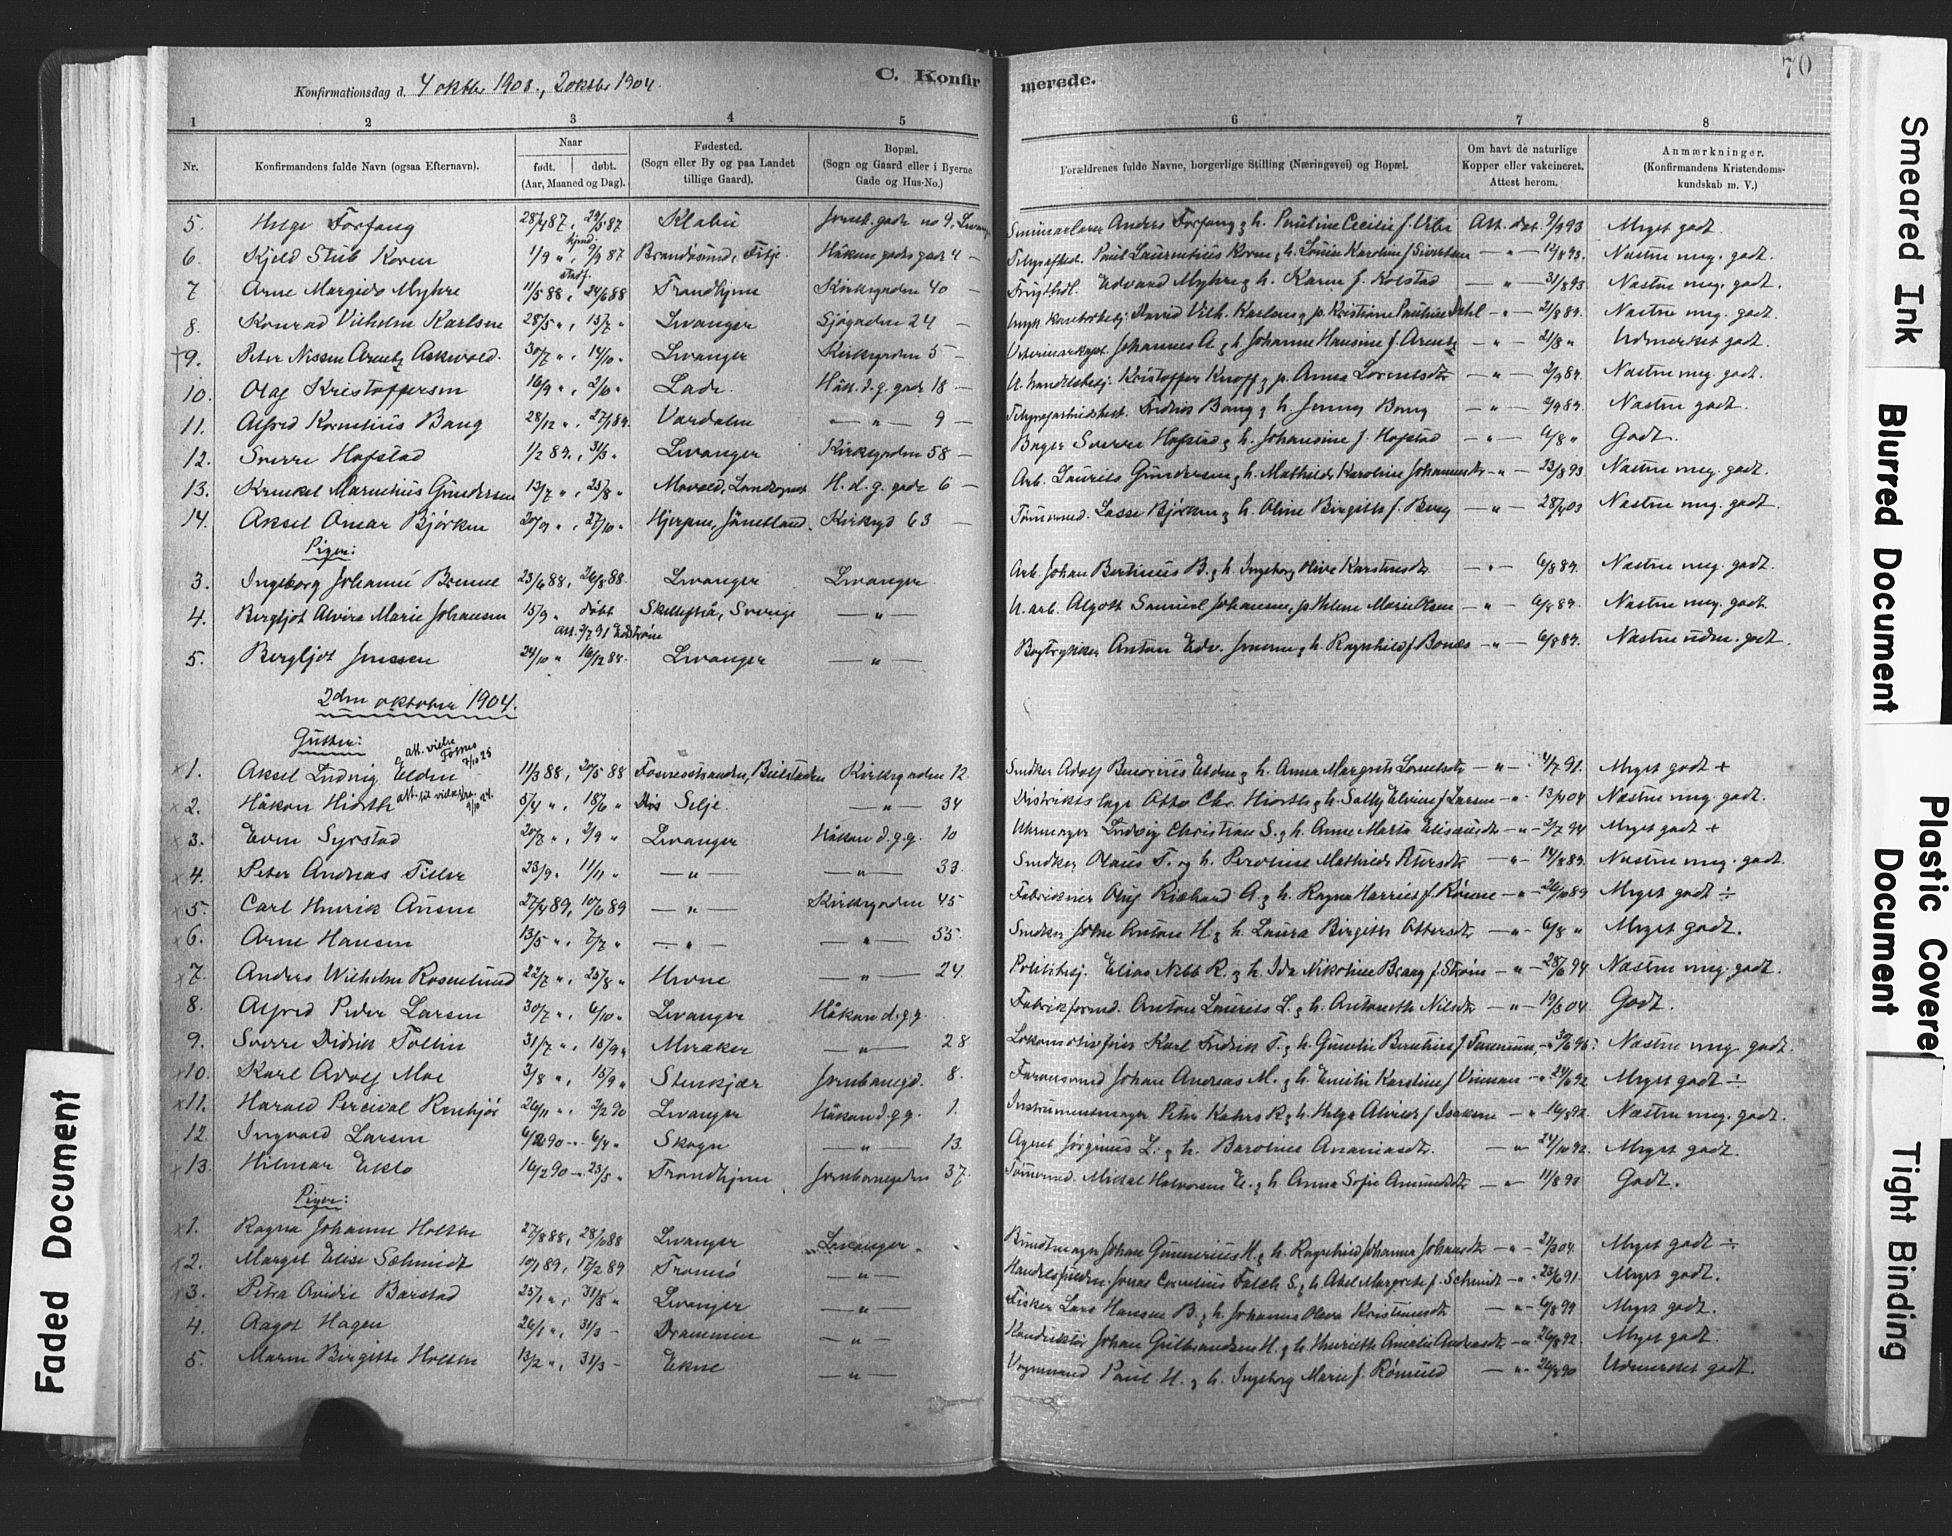 SAT, Ministerialprotokoller, klokkerbøker og fødselsregistre - Nord-Trøndelag, 720/L0189: Ministerialbok nr. 720A05, 1880-1911, s. 70